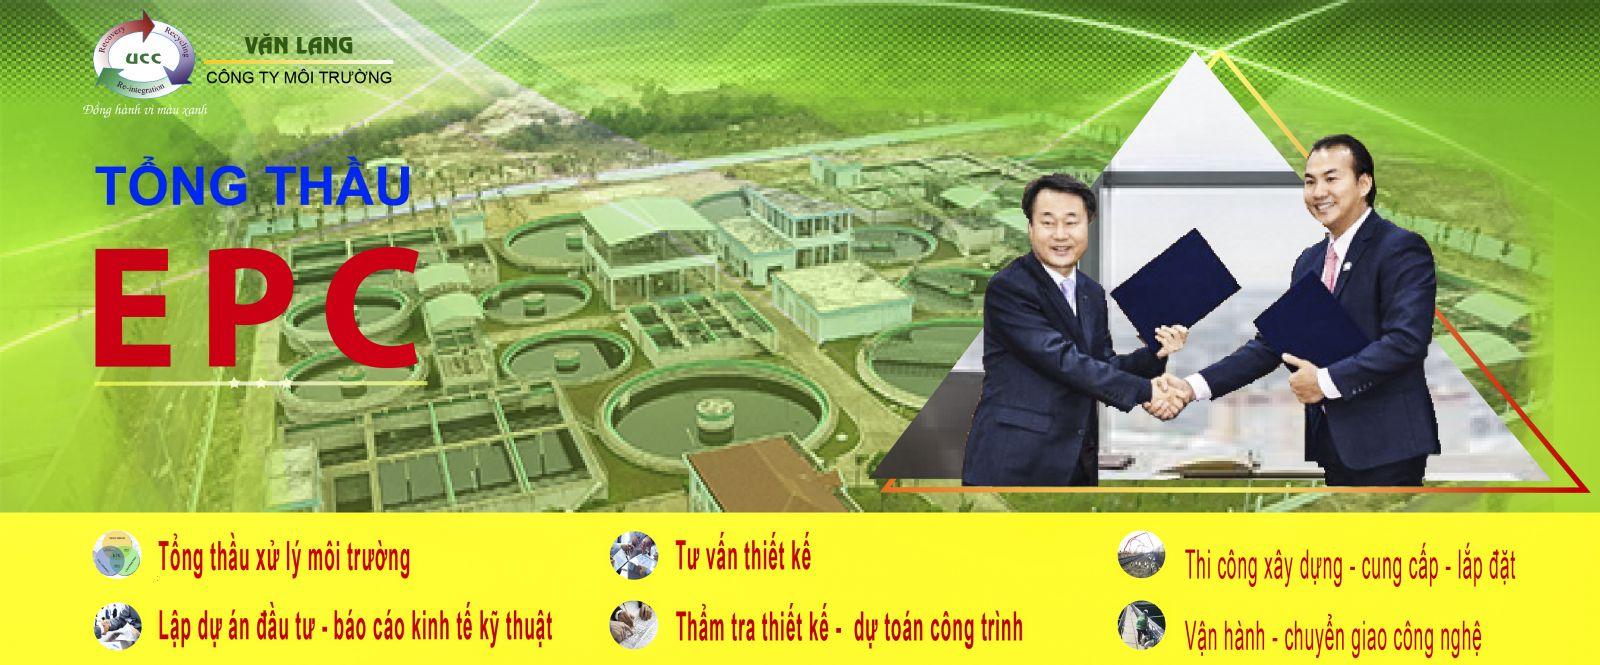 TONG THAU MOI TRUONG